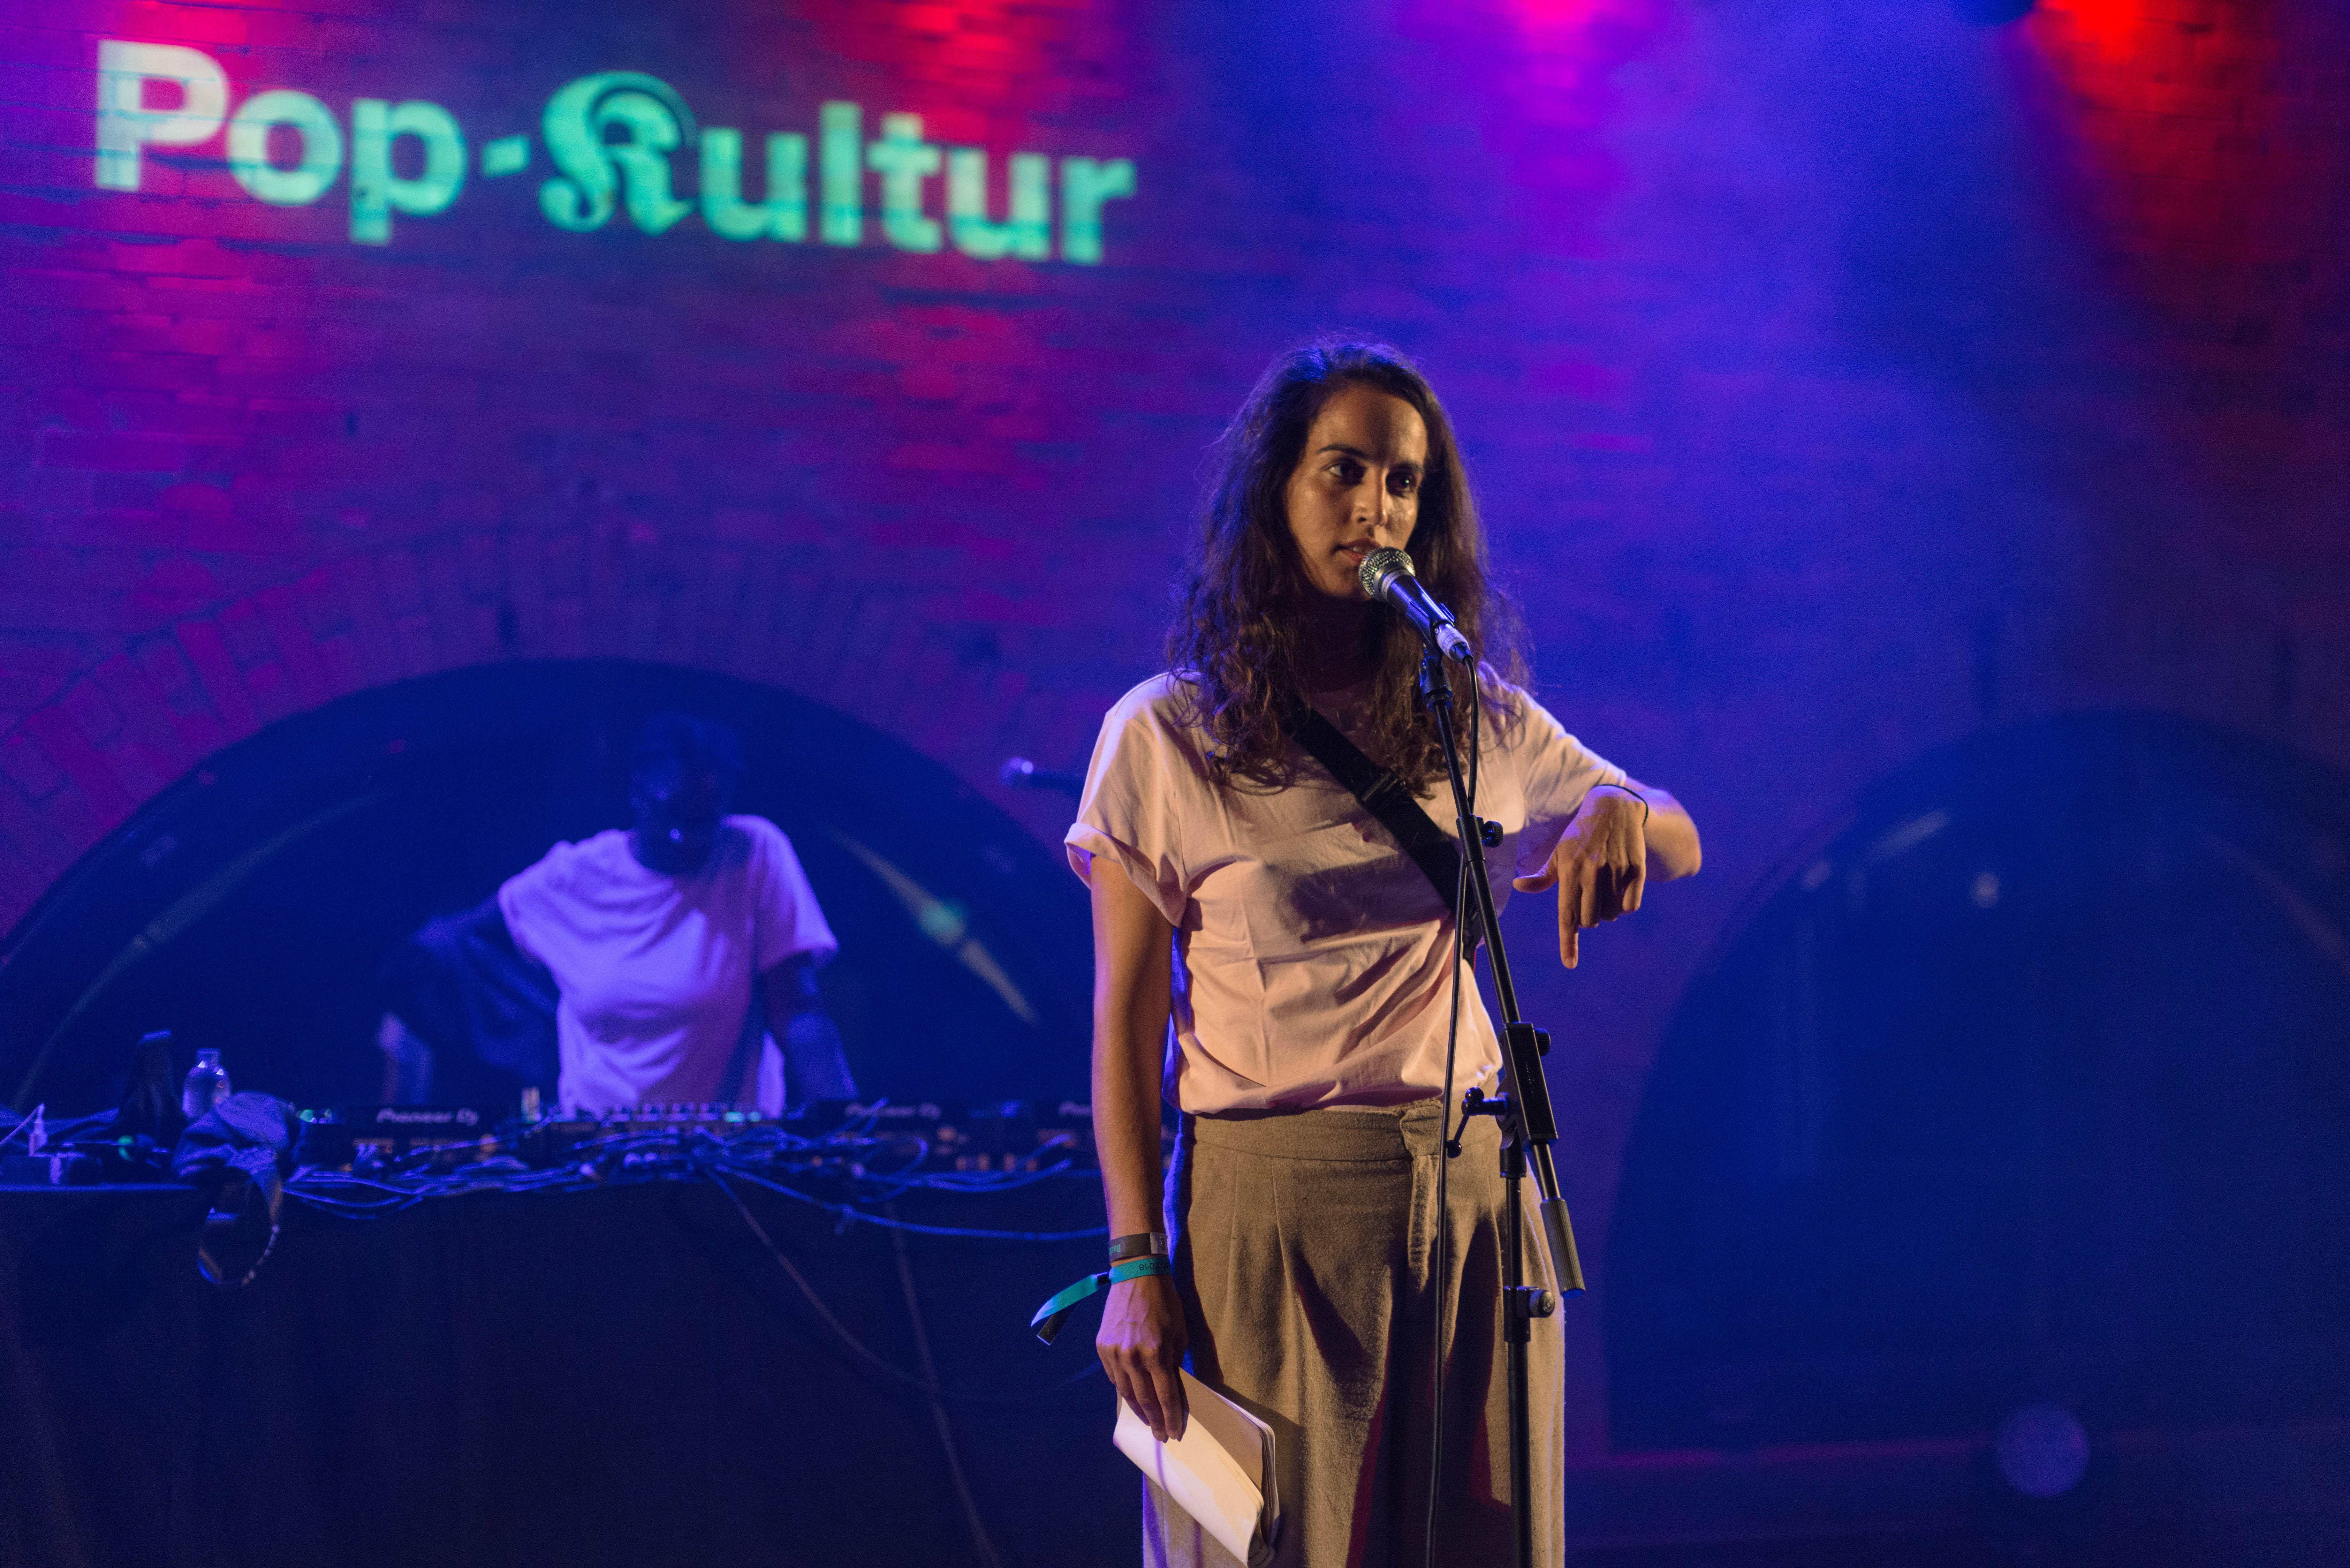 Ebow auf der Bühne bei der Pop-Kultur 2018 mit Notizbuch in der Hand